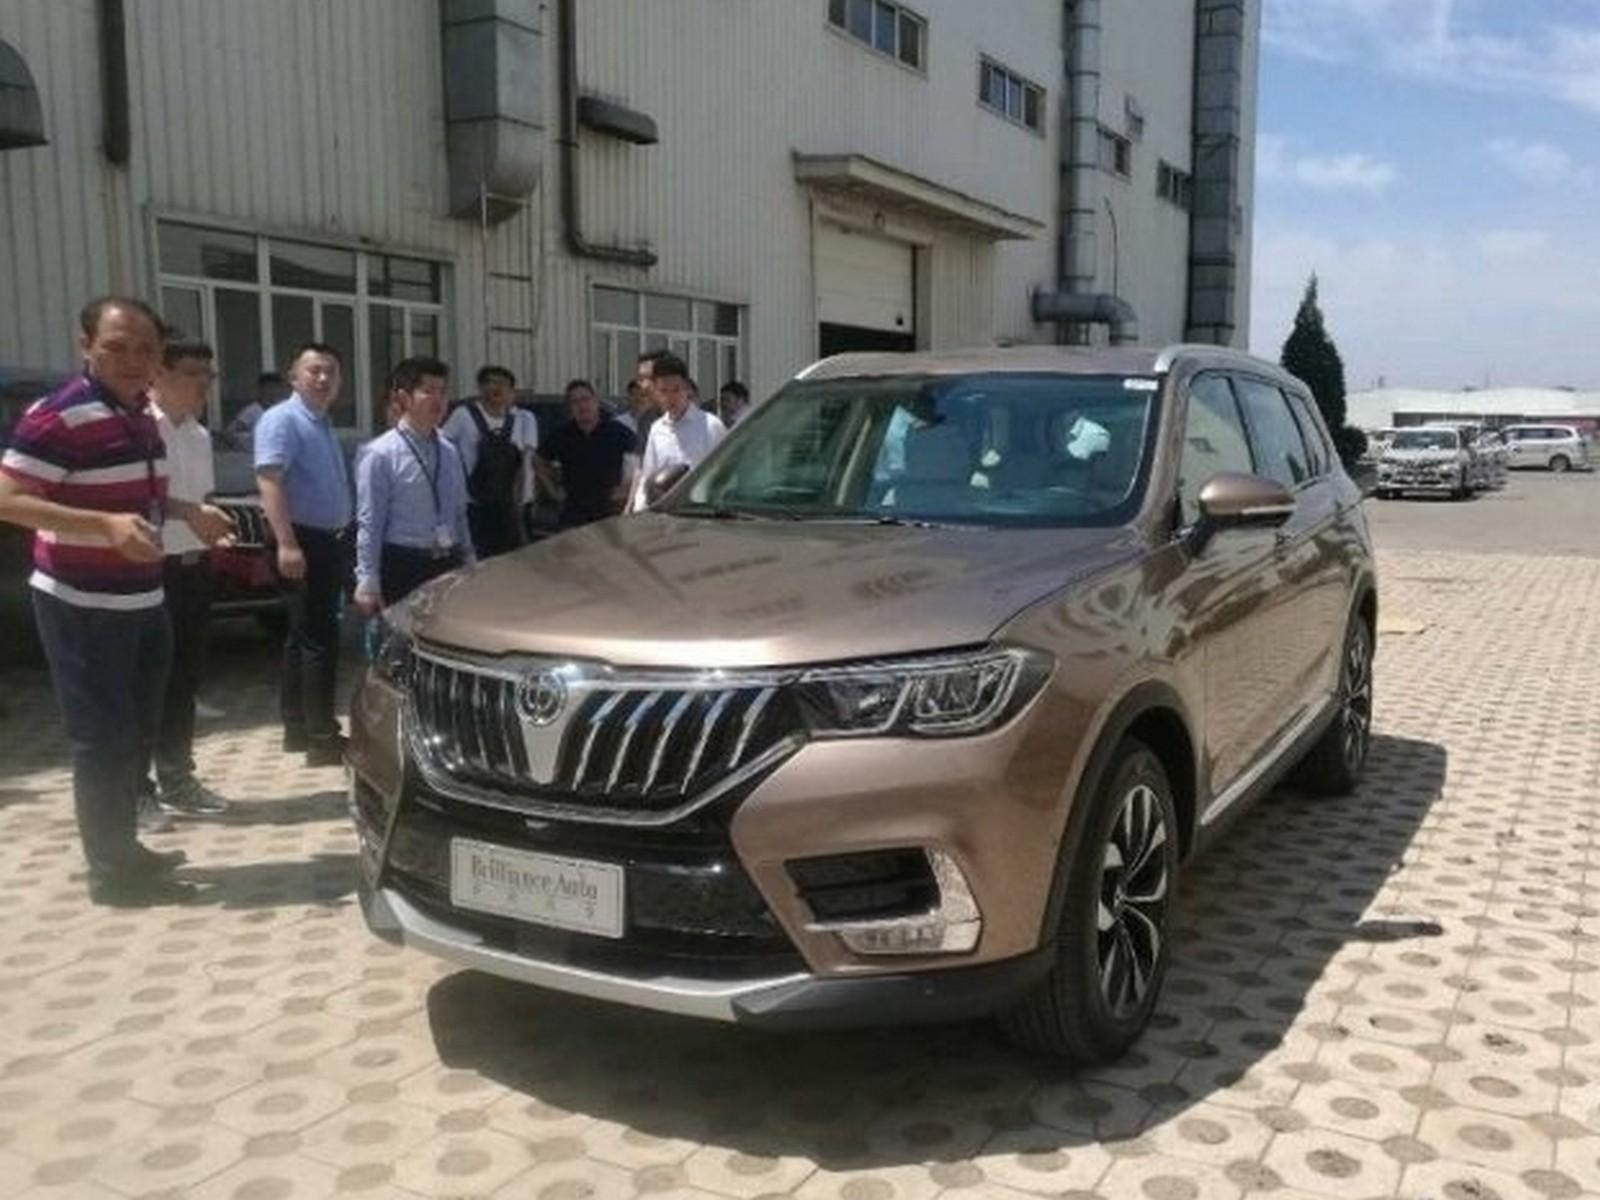 Флагманский вседорожный автомобиль Brilliance V7 представят на автомобильном салоне встолице Китая